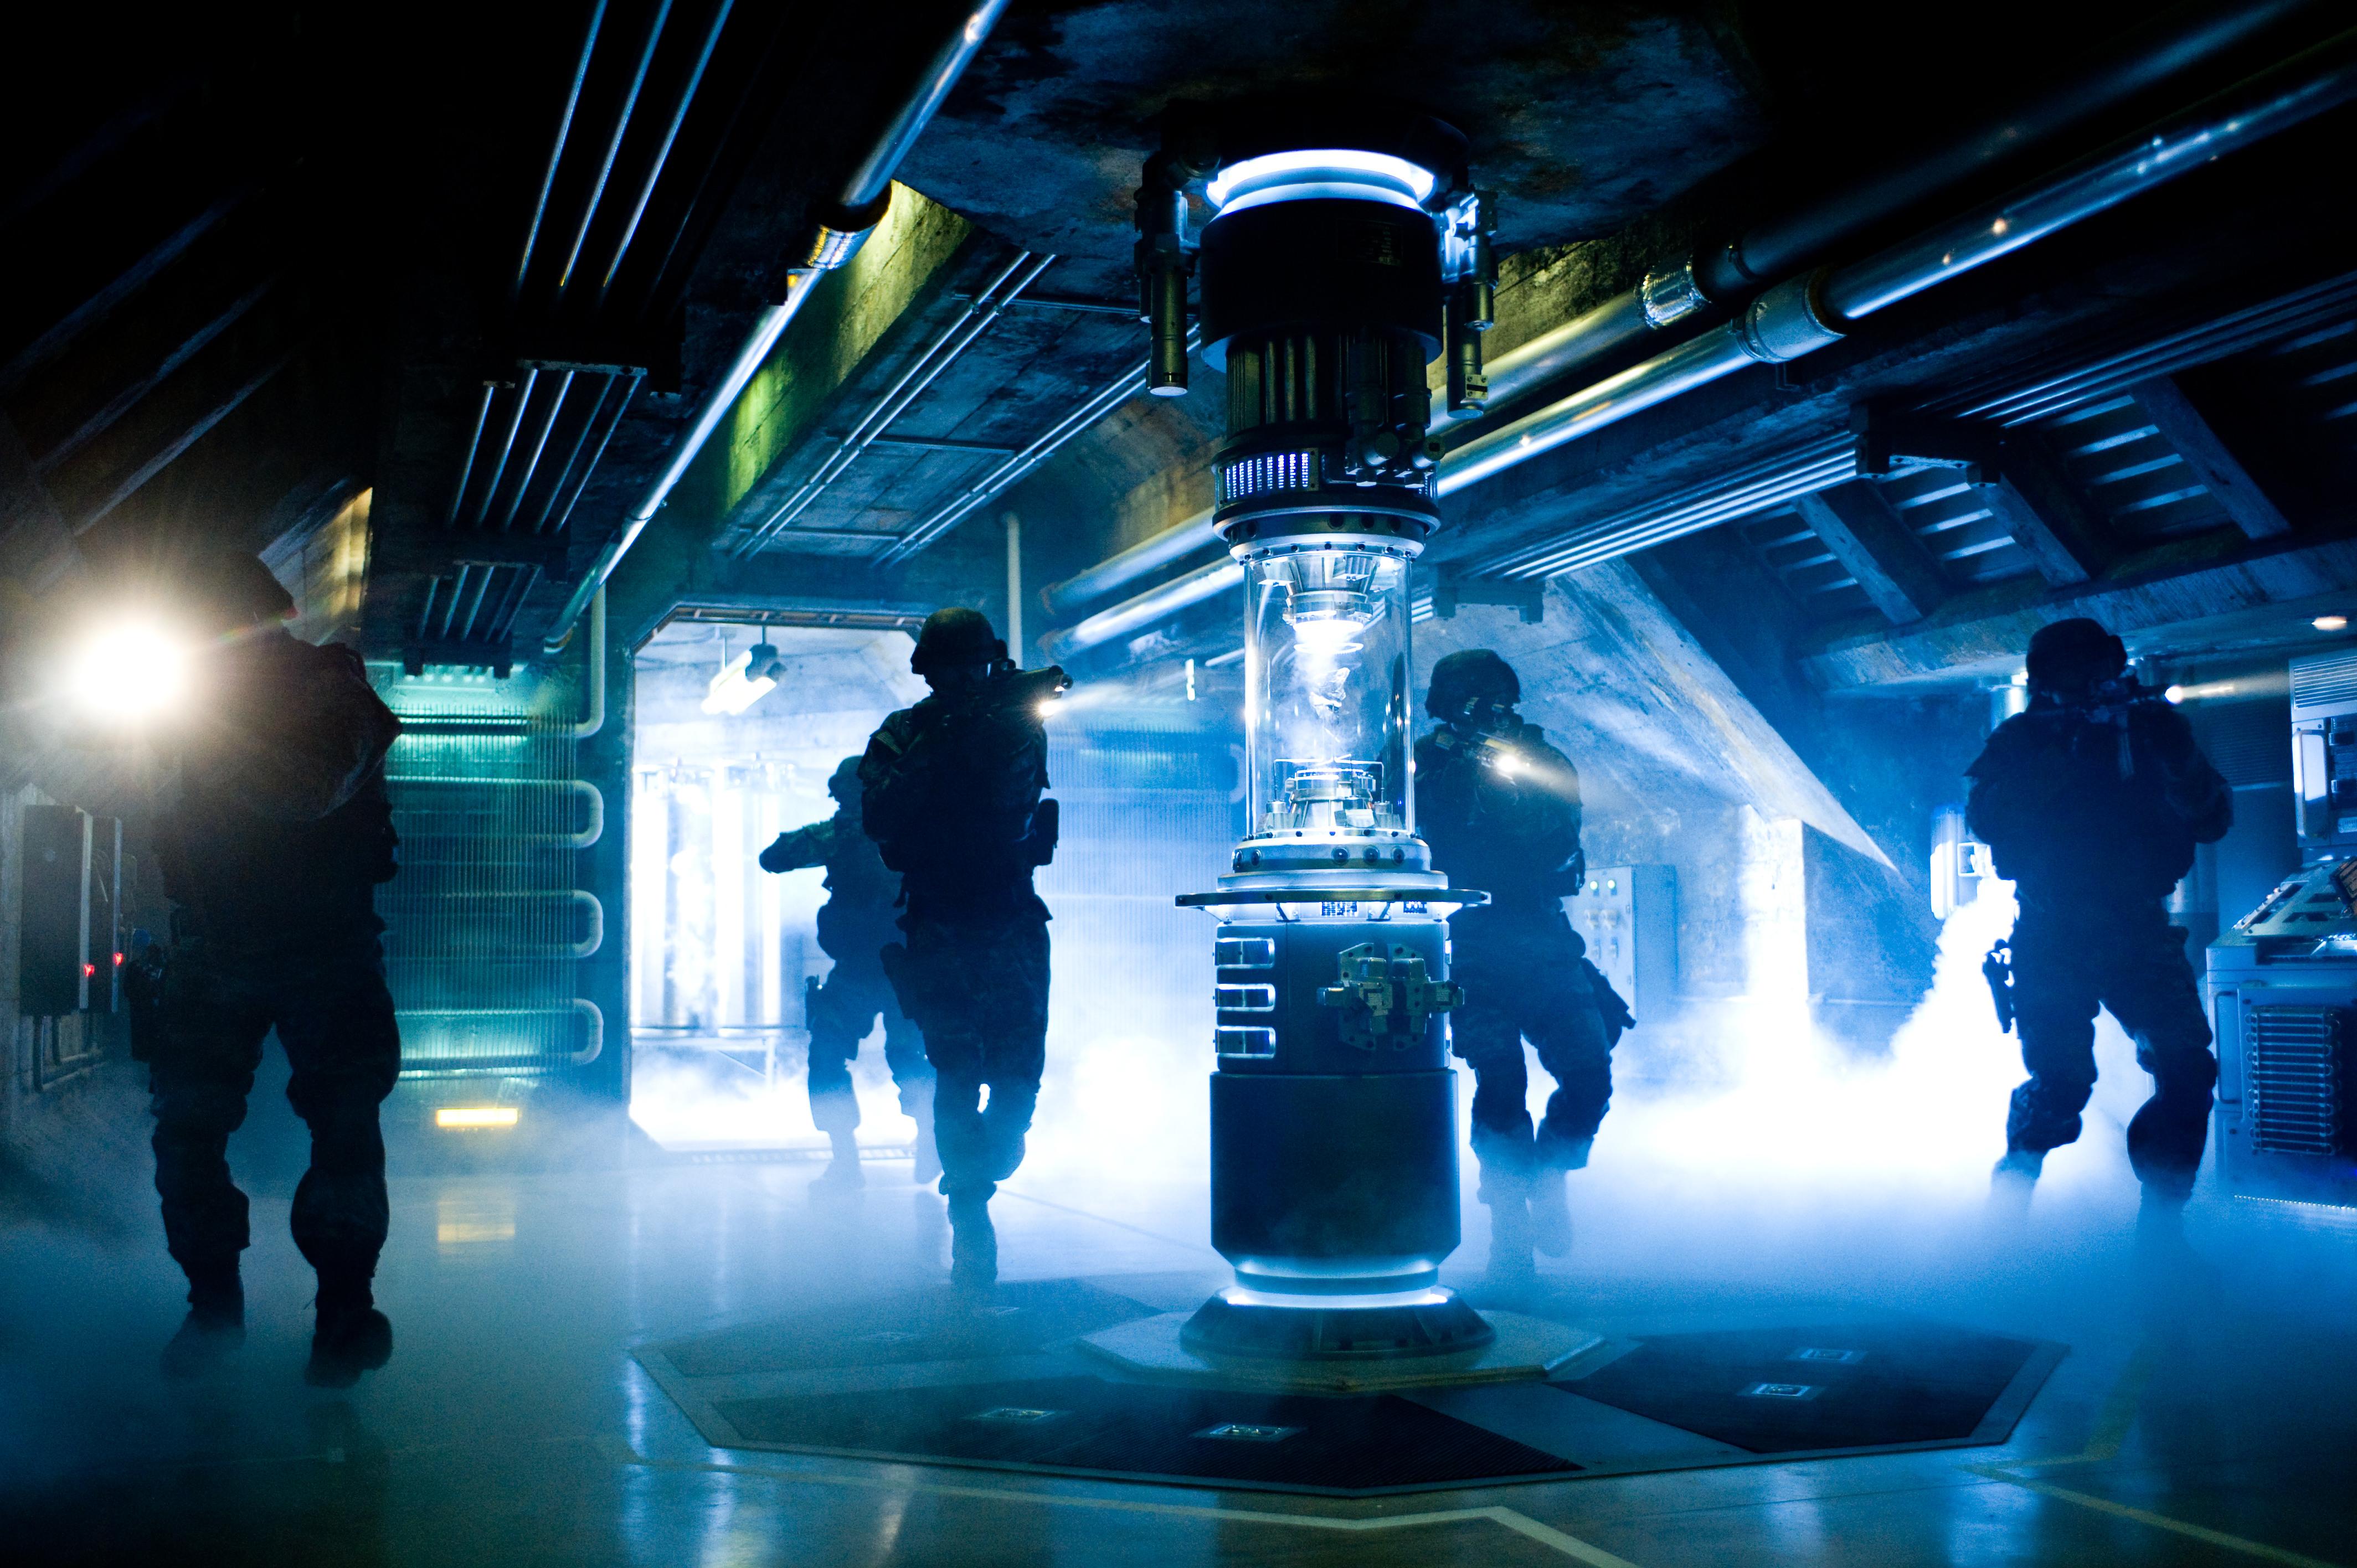 Обзор фильма Трансформеры-2 Месть падших (15 фото + 2 трейлера) .